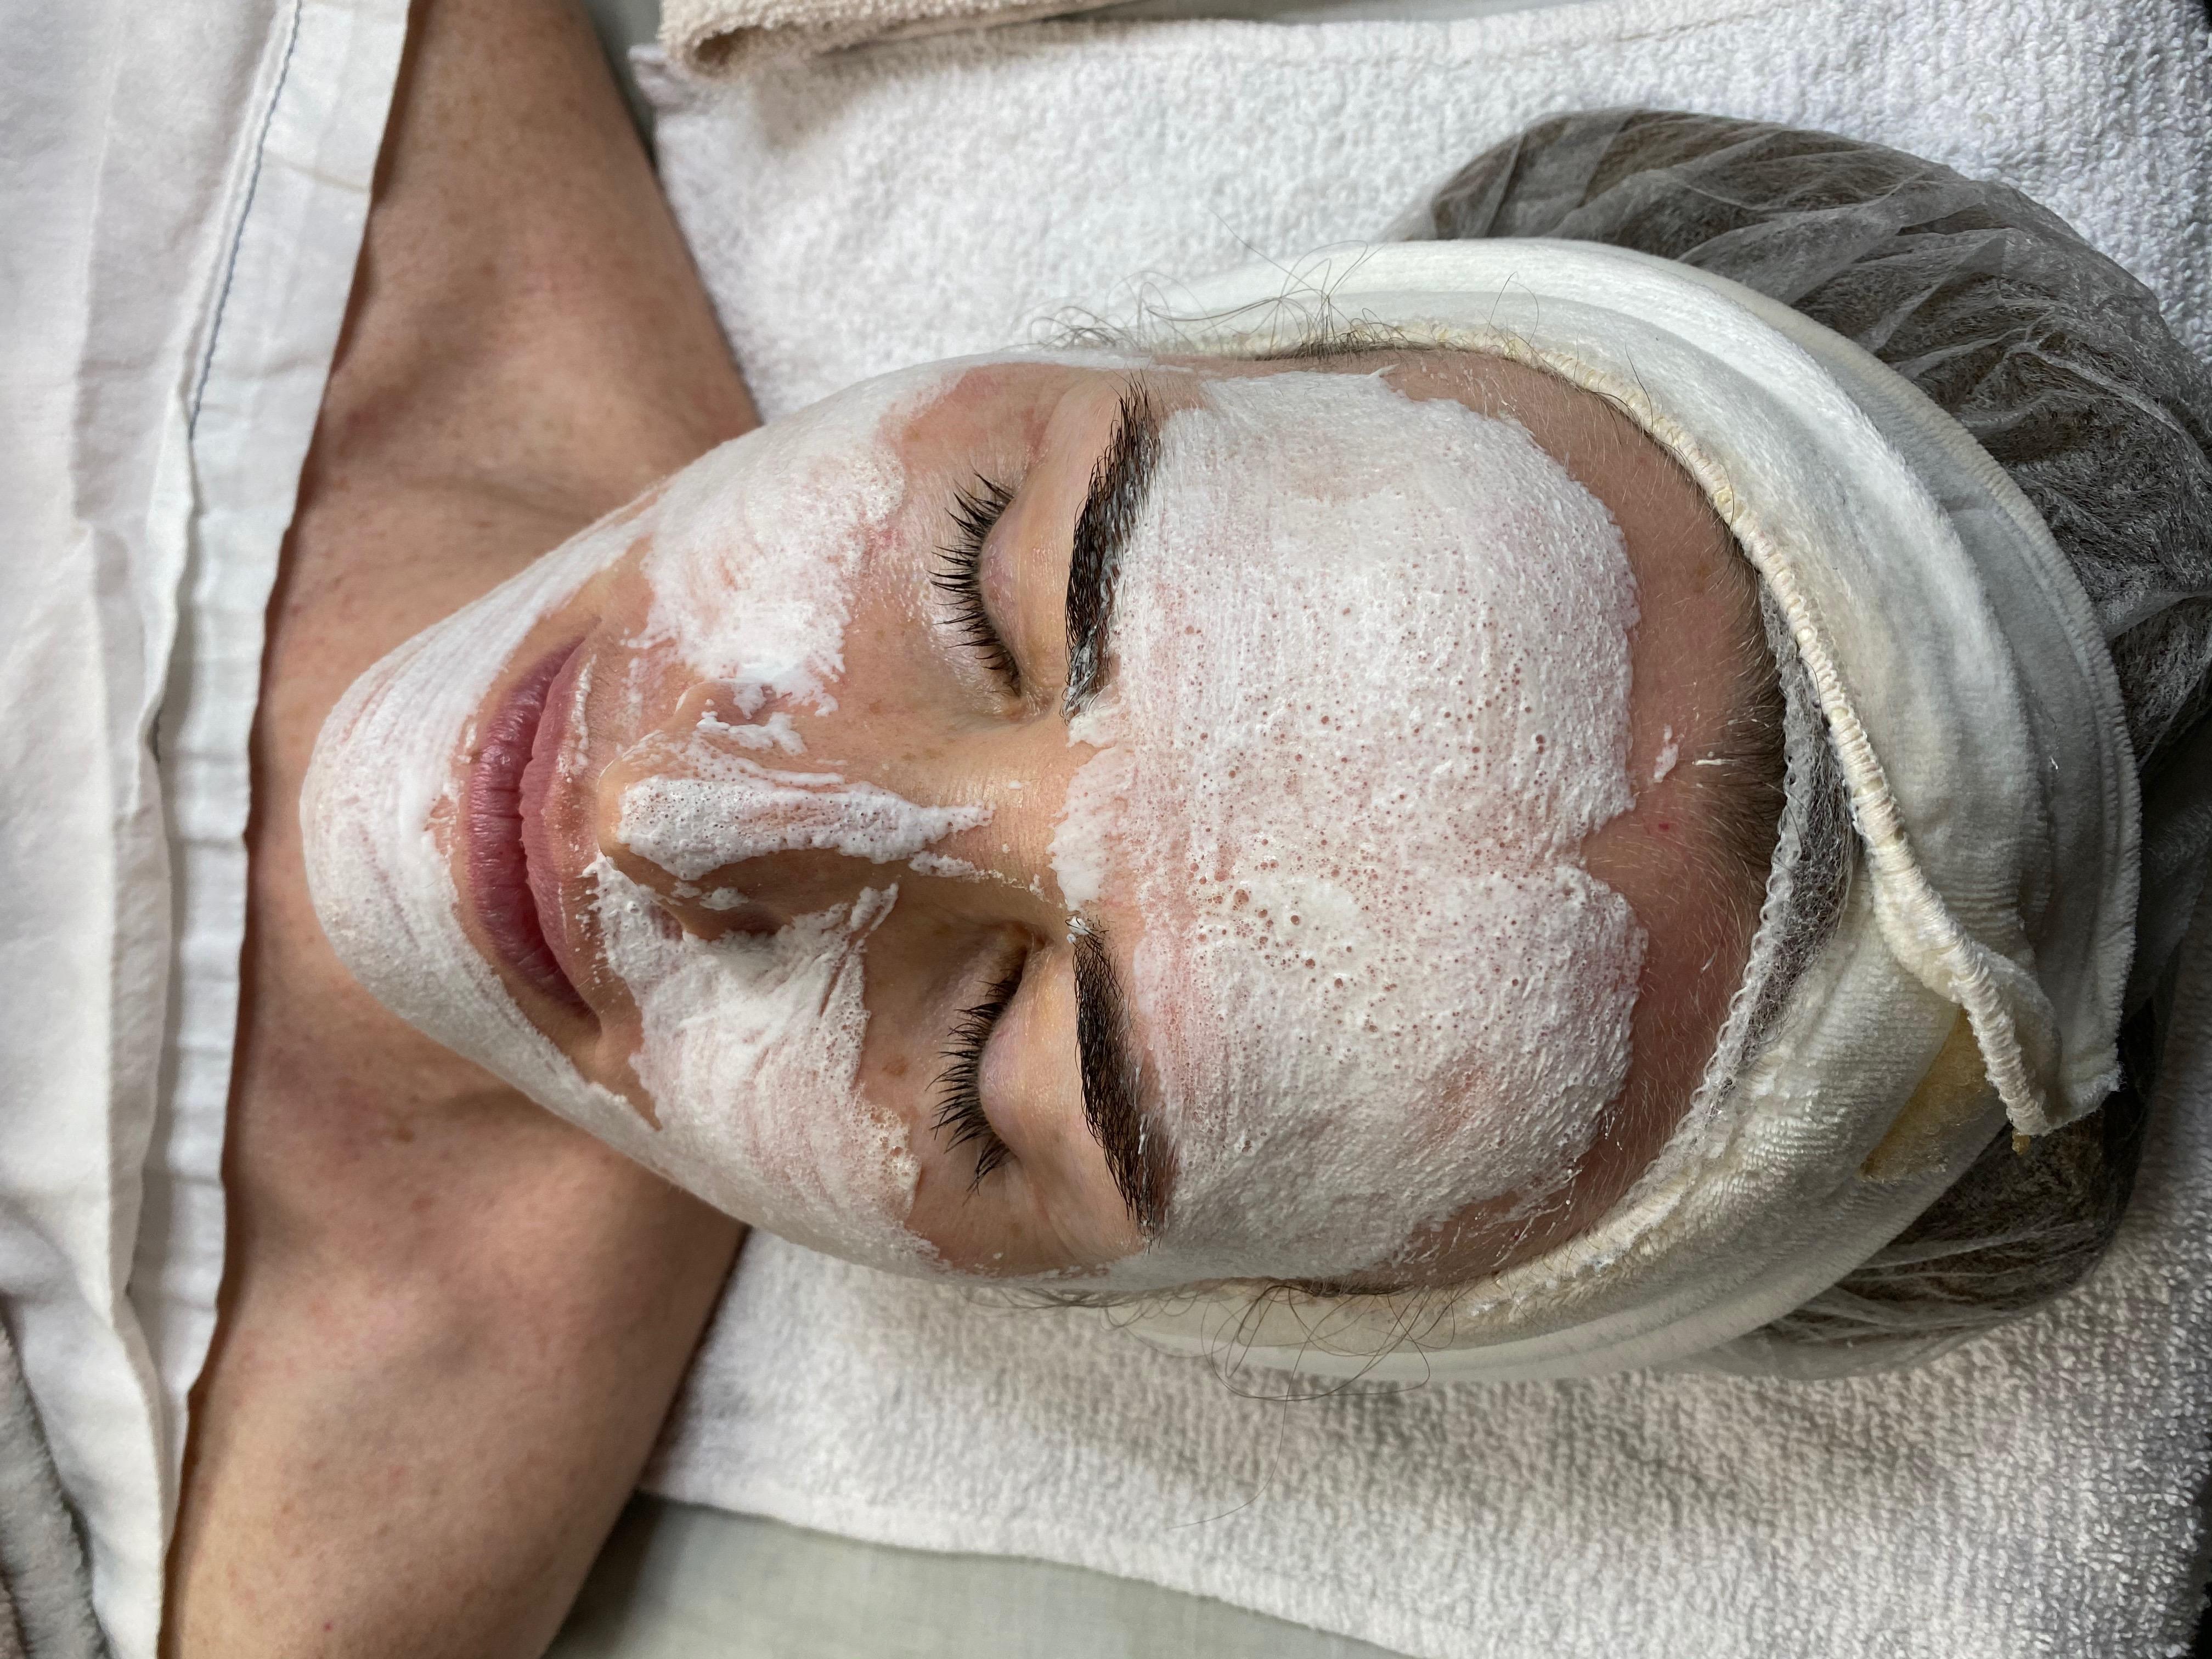 woman getting an O2 lift facial procedure